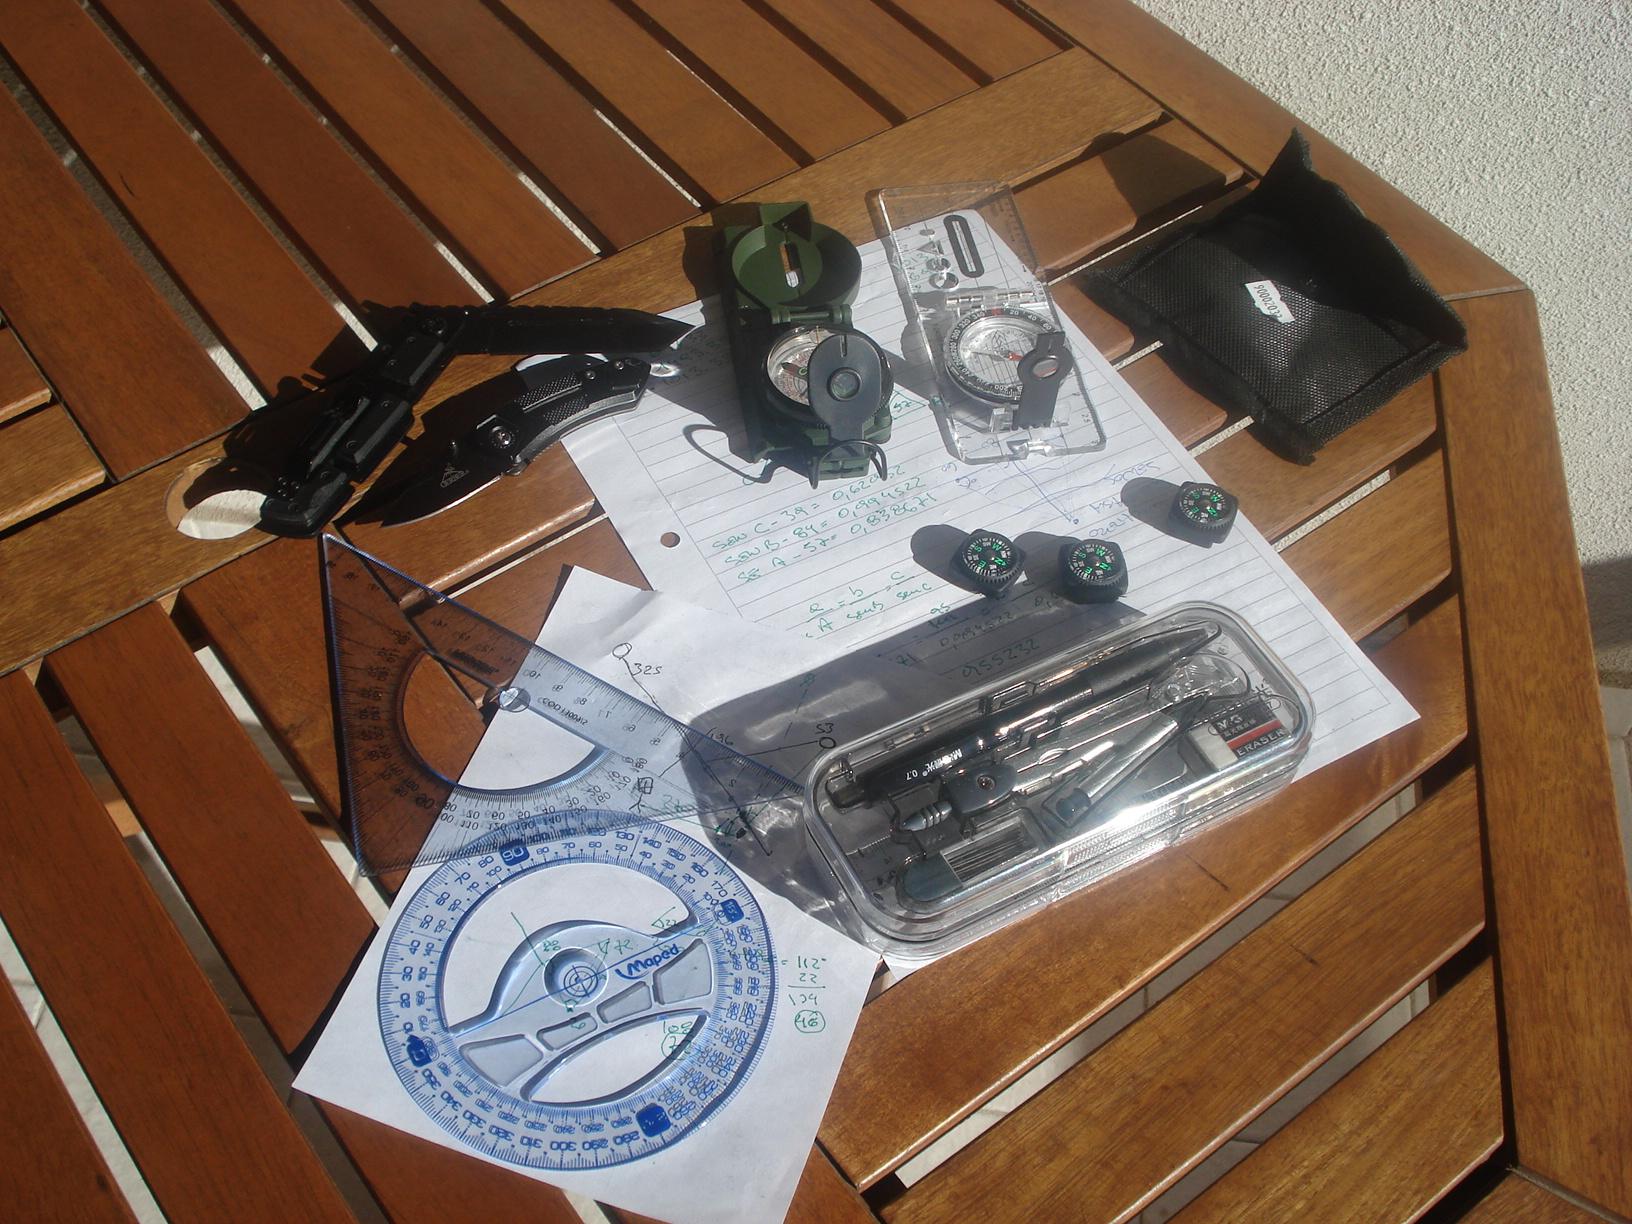 Un pequeño kit de brújulas, protractors (compases) y reglas de escala... y algo más. DSC00444